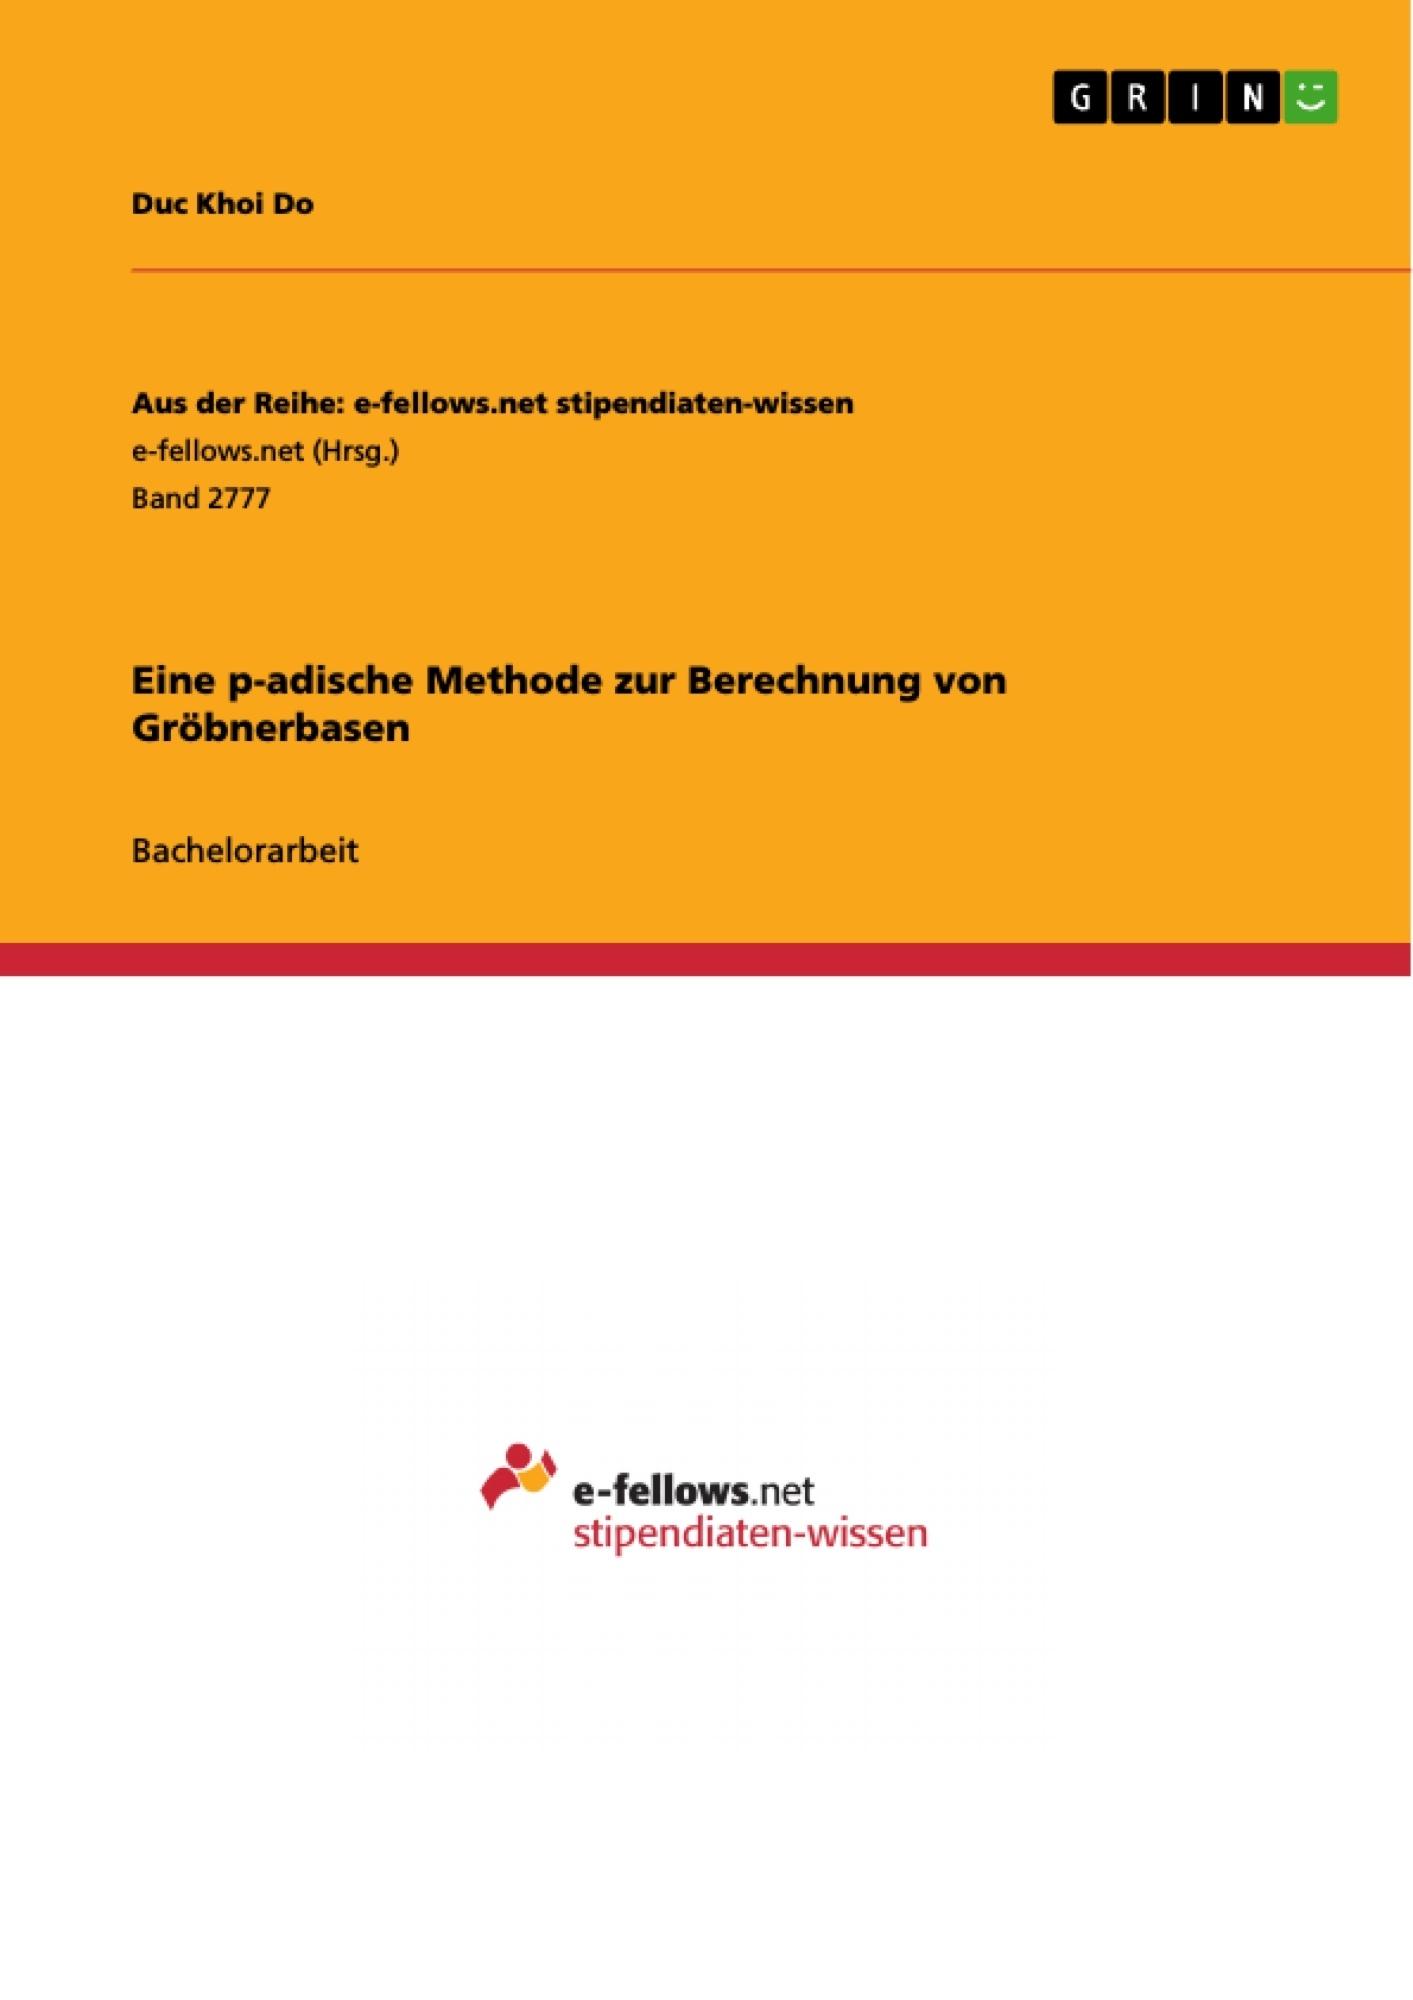 Titel: Eine p-adische Methode zur Berechnung von Gröbnerbasen